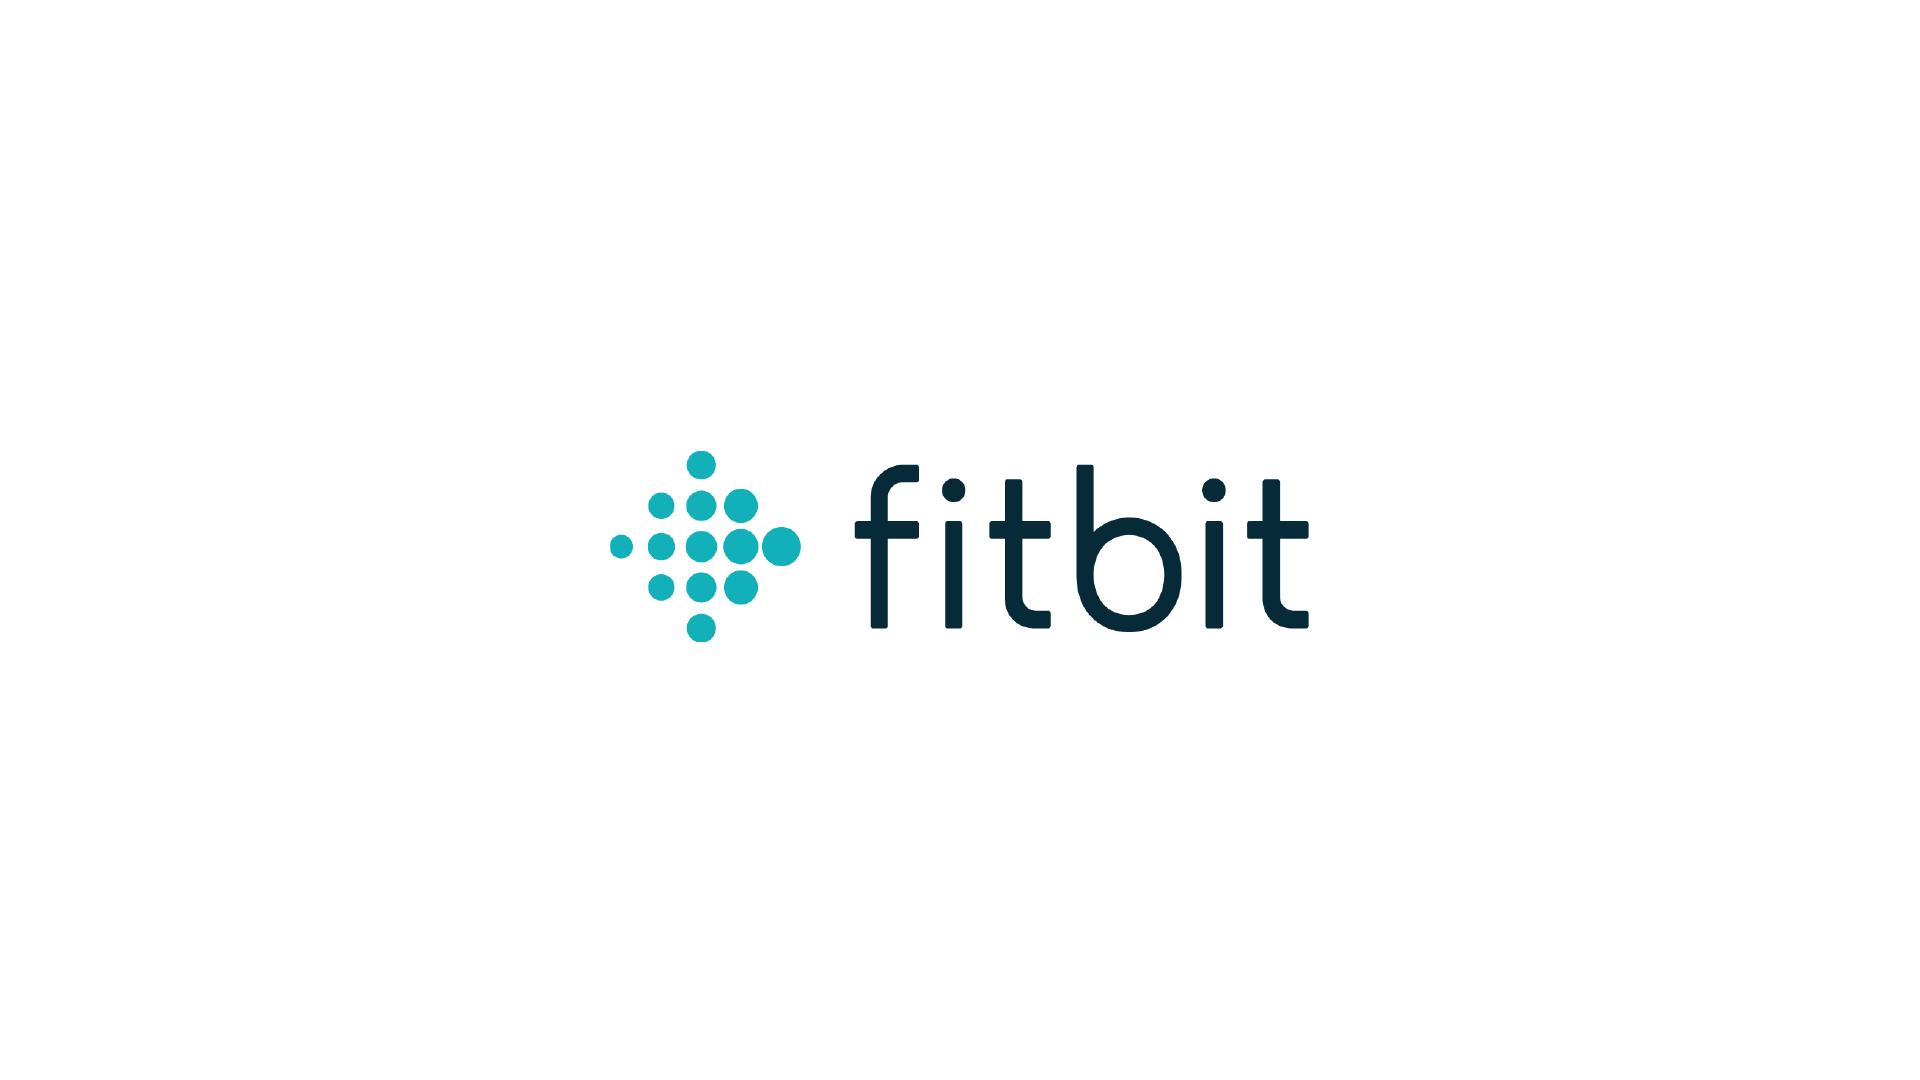 Fitbit ogłasza współpracę z Radą ds. Promocji Zdrowia w Singapurze